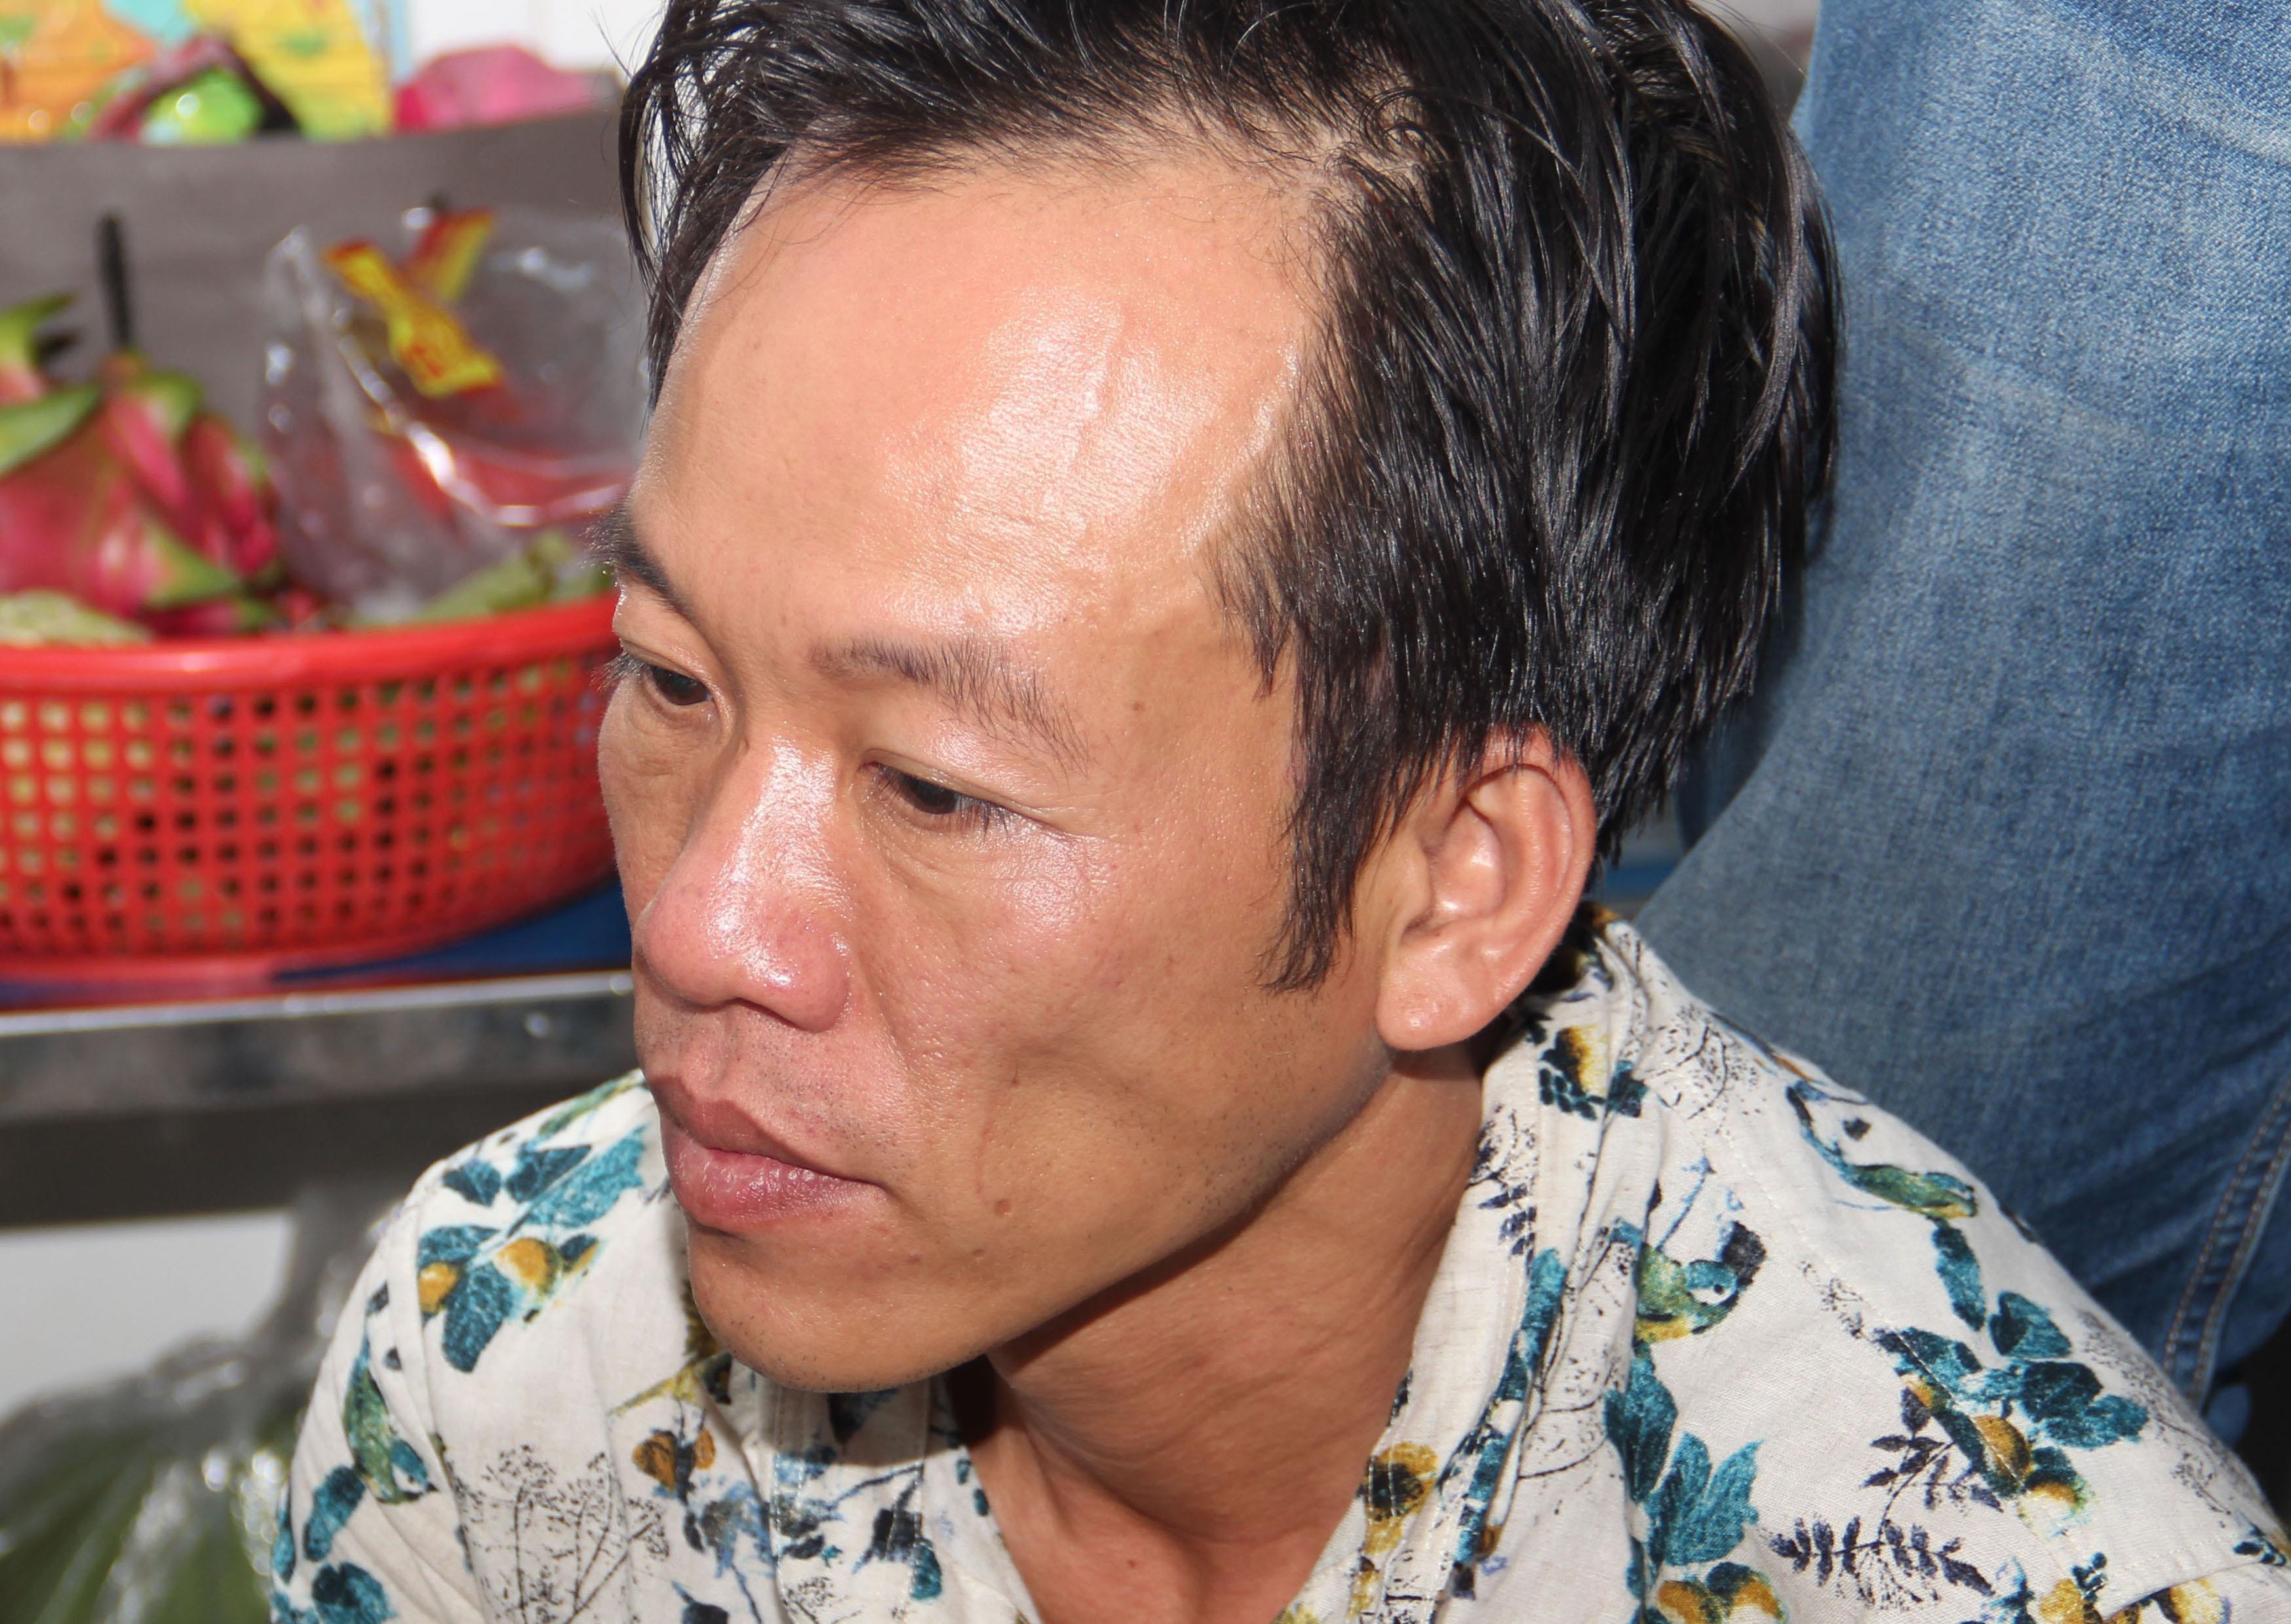 Phát hiện thêm thuốc lắc ở Sài Gòn của đường dây buôn ma túy quốc tế Ảnh 3